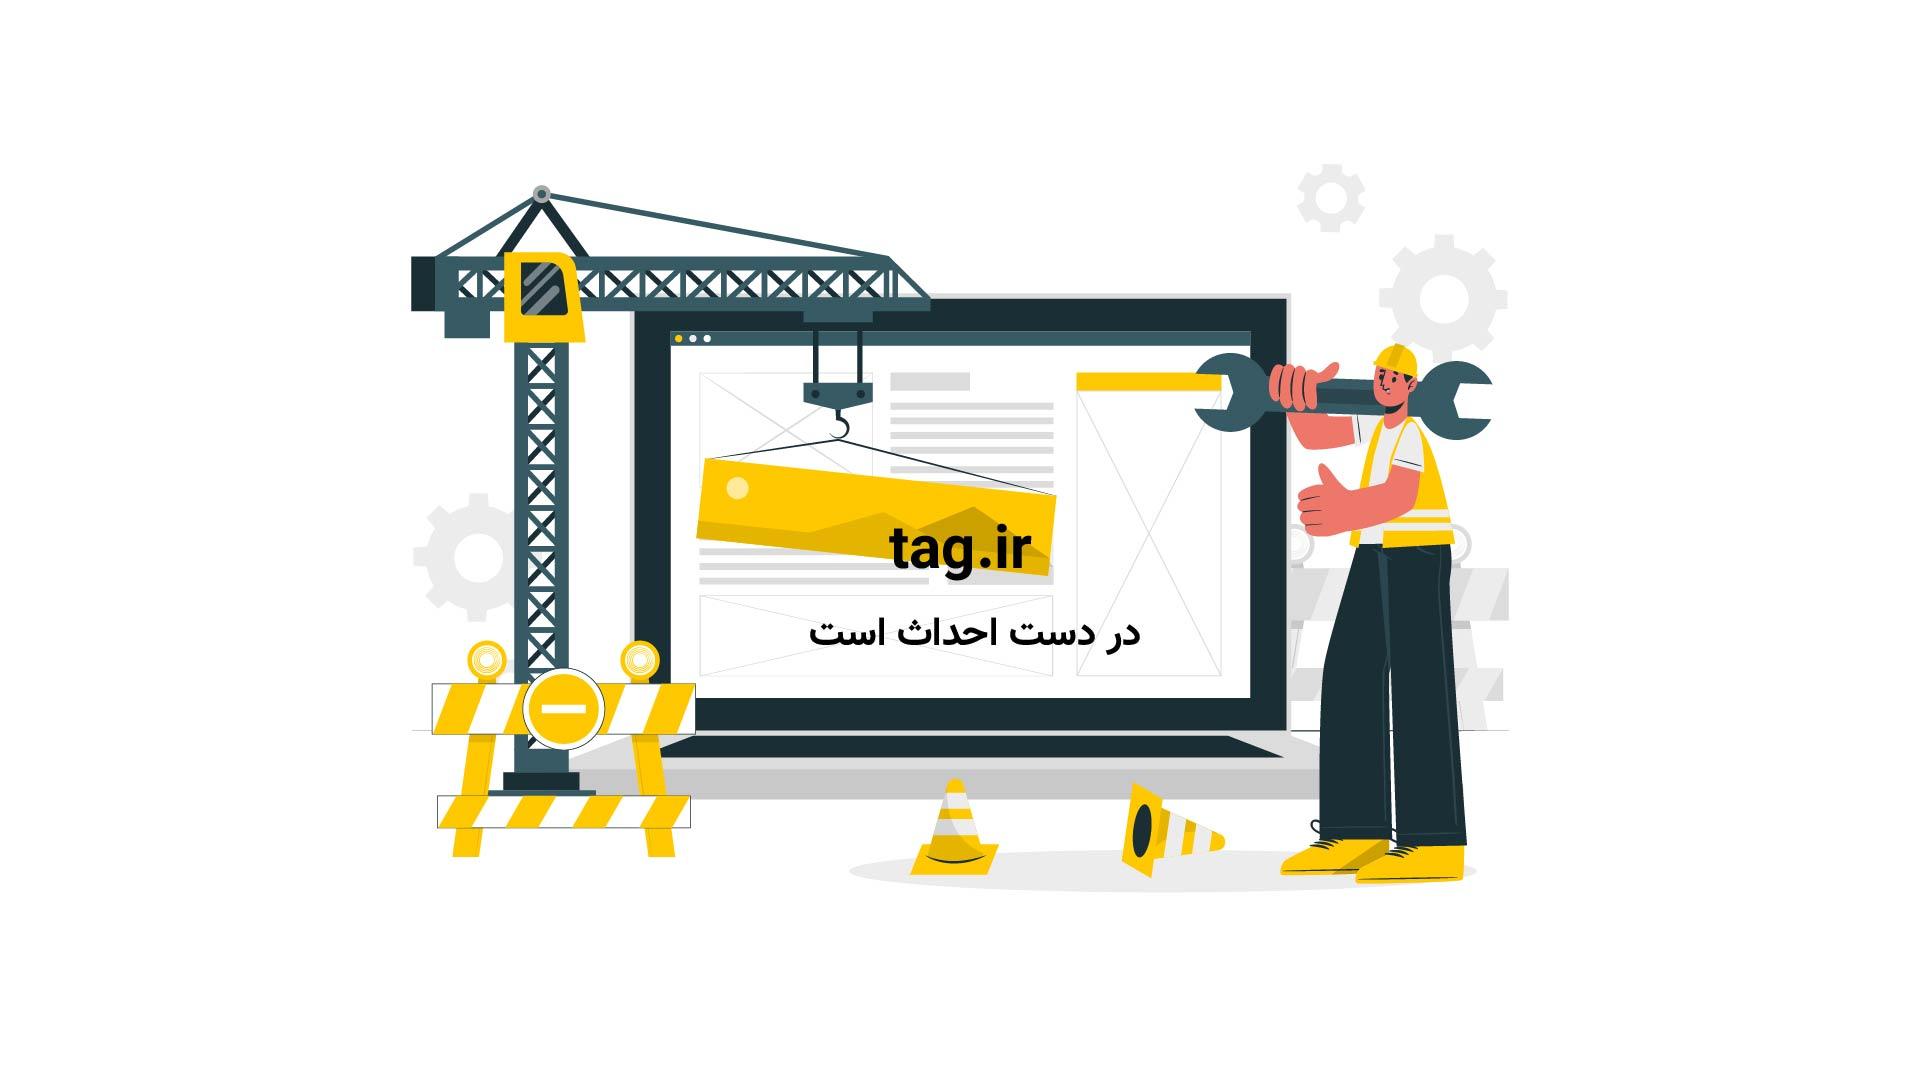 انیمیشن گربه سایمون؛ این قسمت چرت گربه ای | فیلم